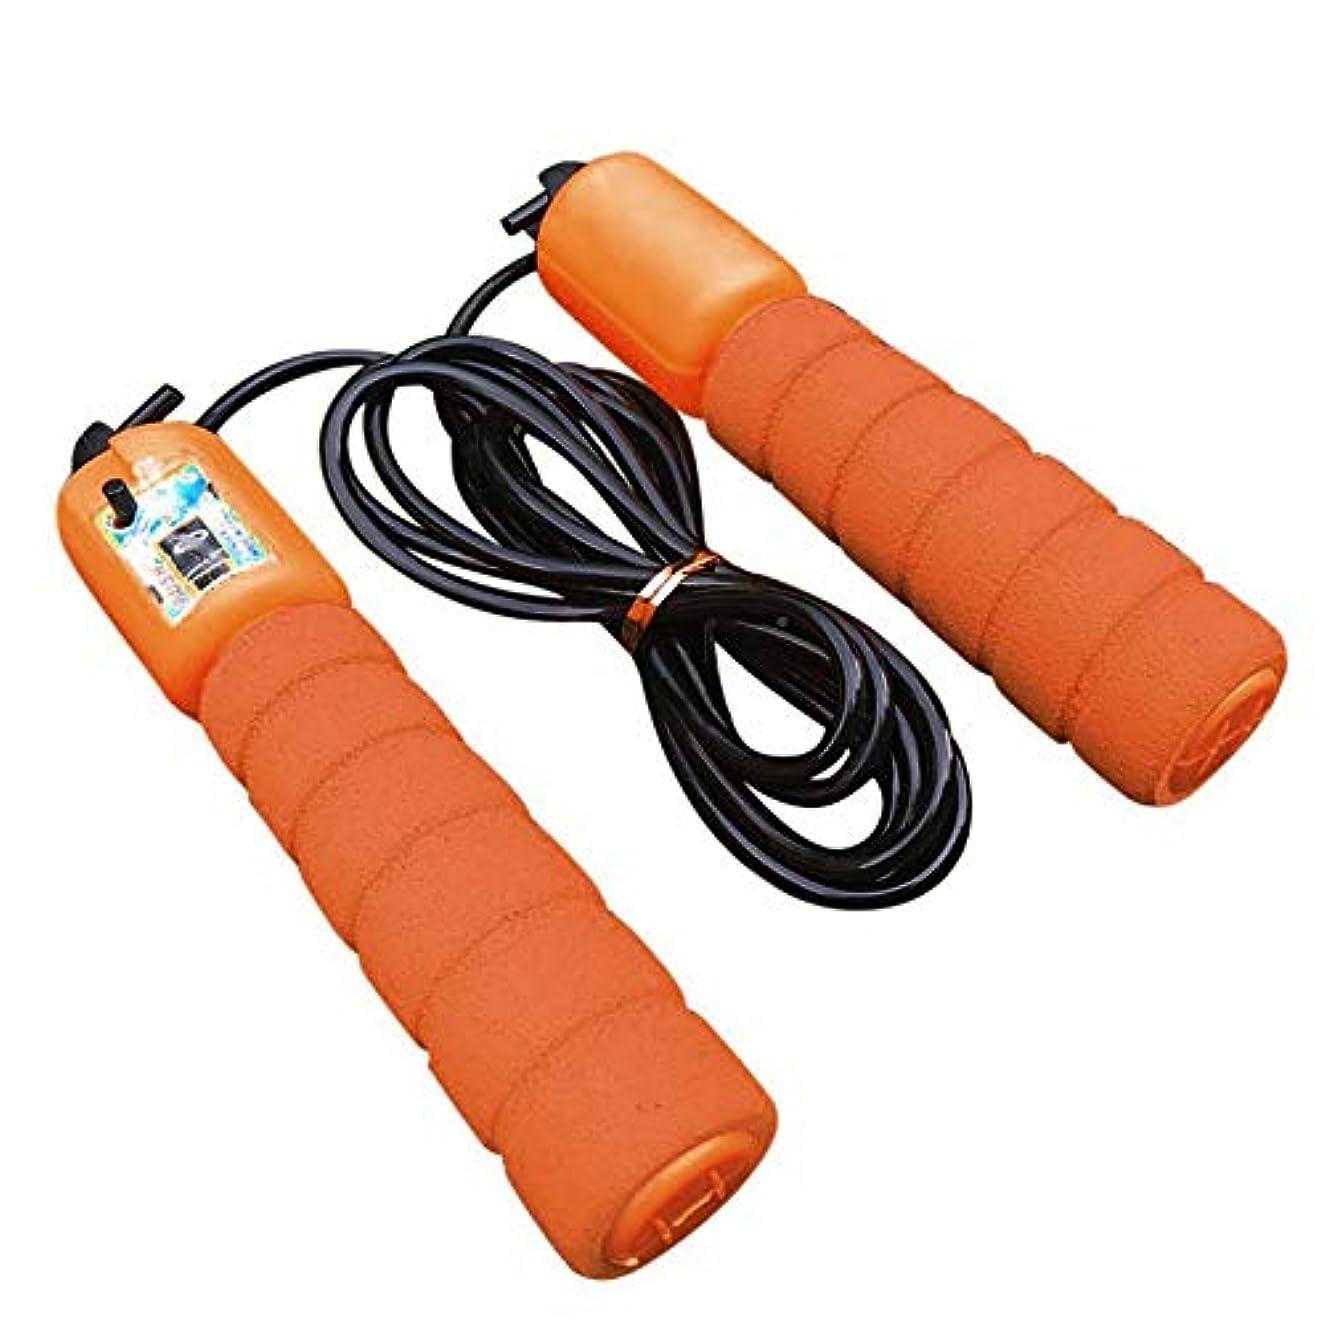 属性エージェントシャベル調節可能な専門家の縄跳びを縄跳び自動カウント縄跳びフィットネスエクササイズ高速カウ??ント縄跳び(Color:Orange)